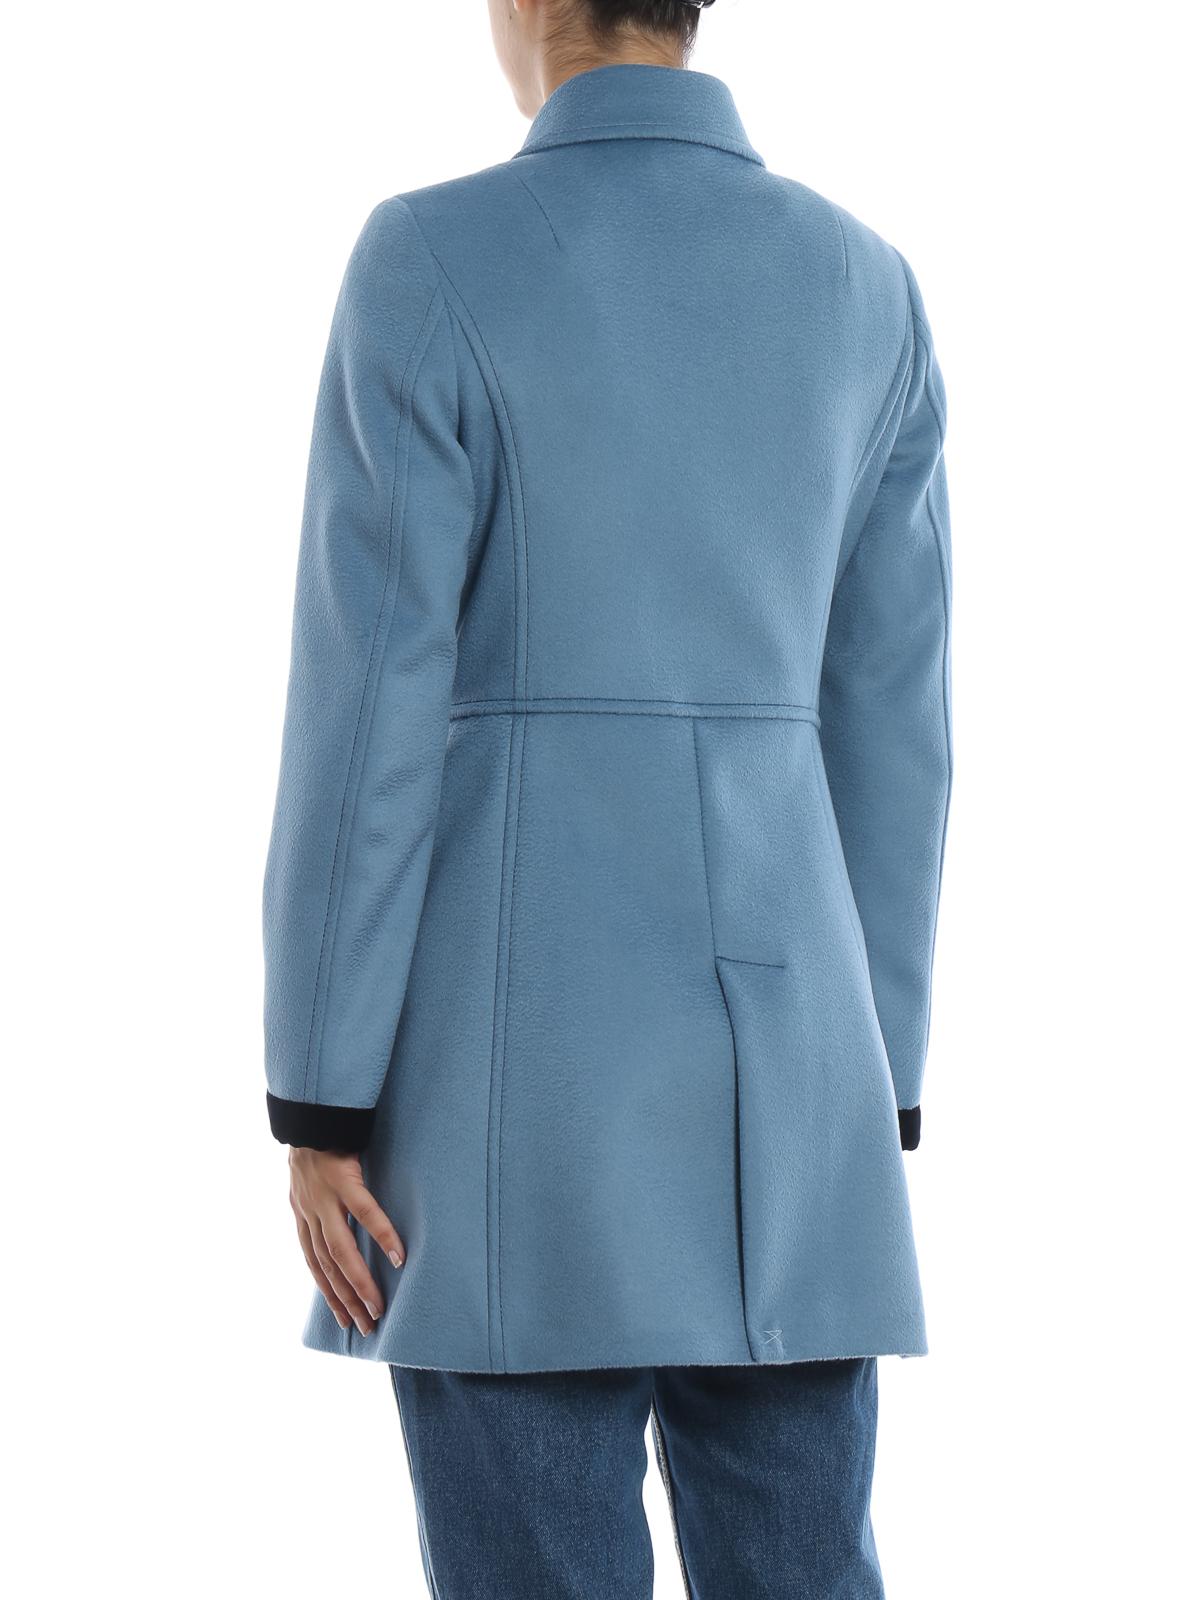 Mantel hellblau sale